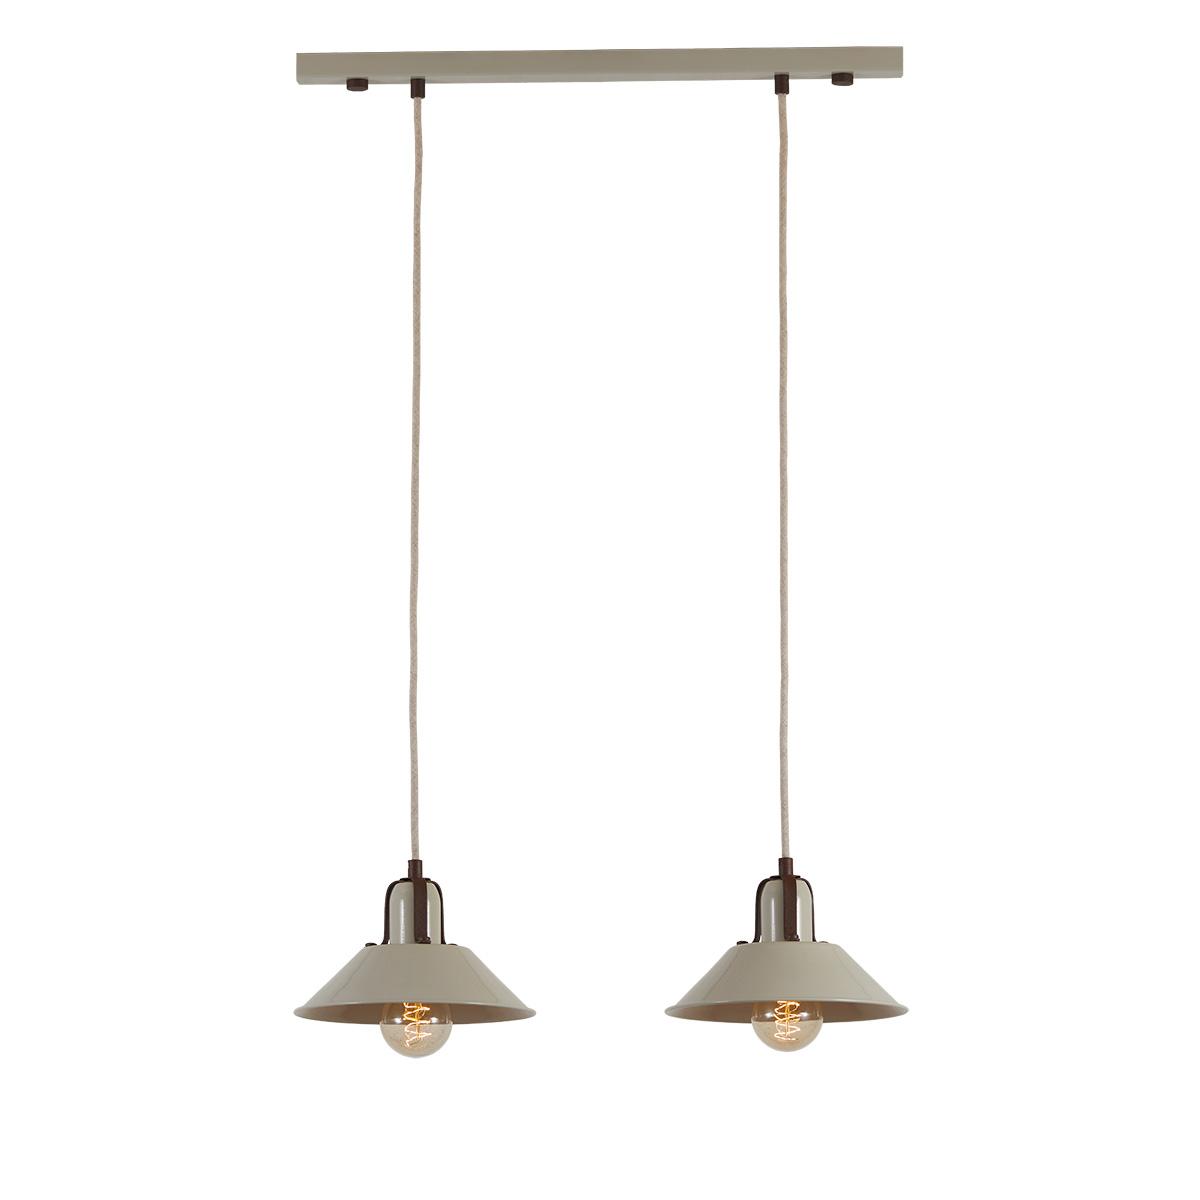 Ρετρό κρεμαστό φωτιστικό σε ράγα ΜΗΛΟΣ 2-bulb pendant rail lighting